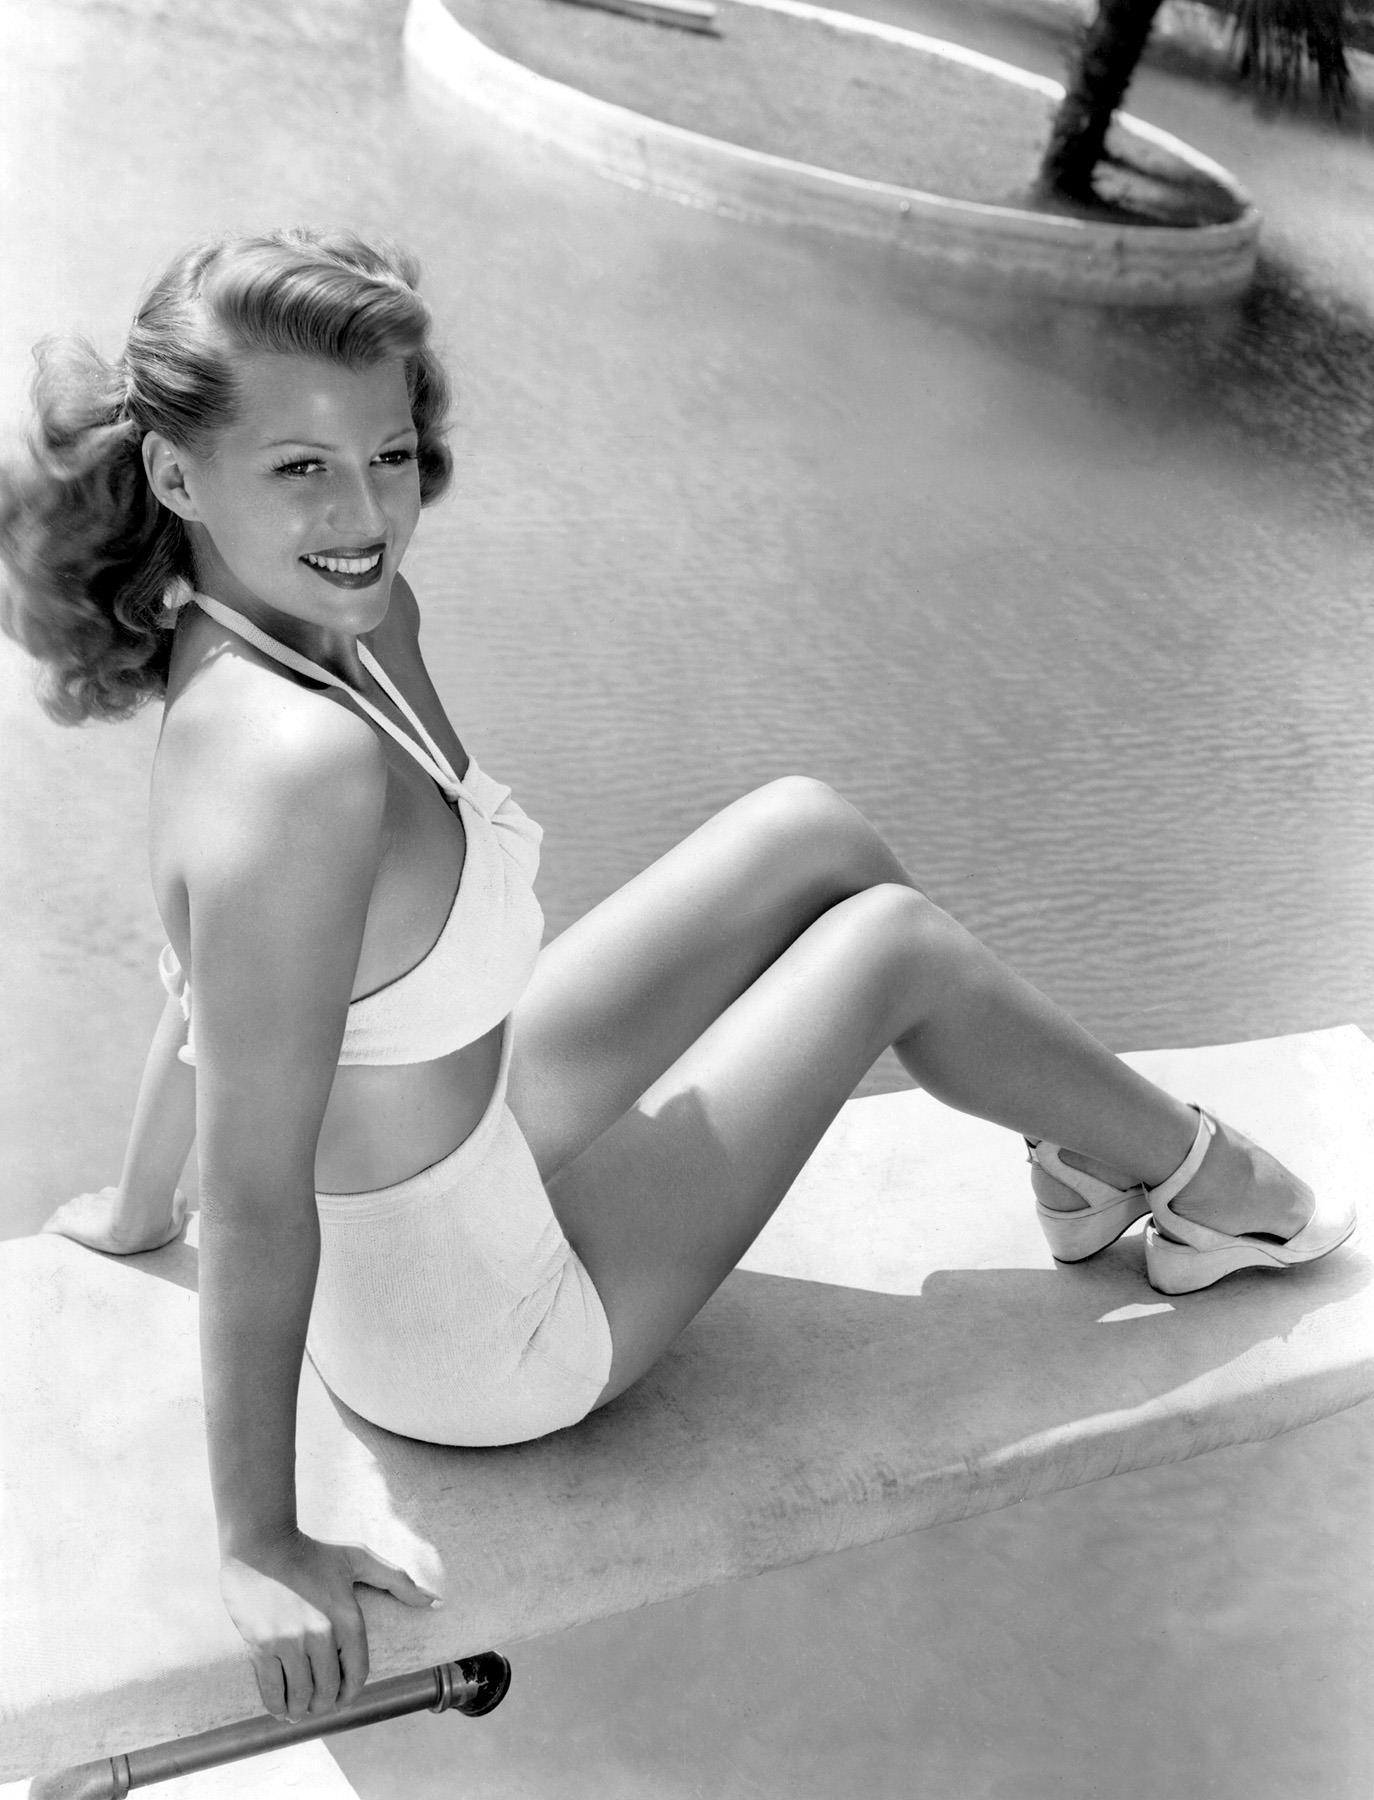 Rita Hayworth in Swimsuit